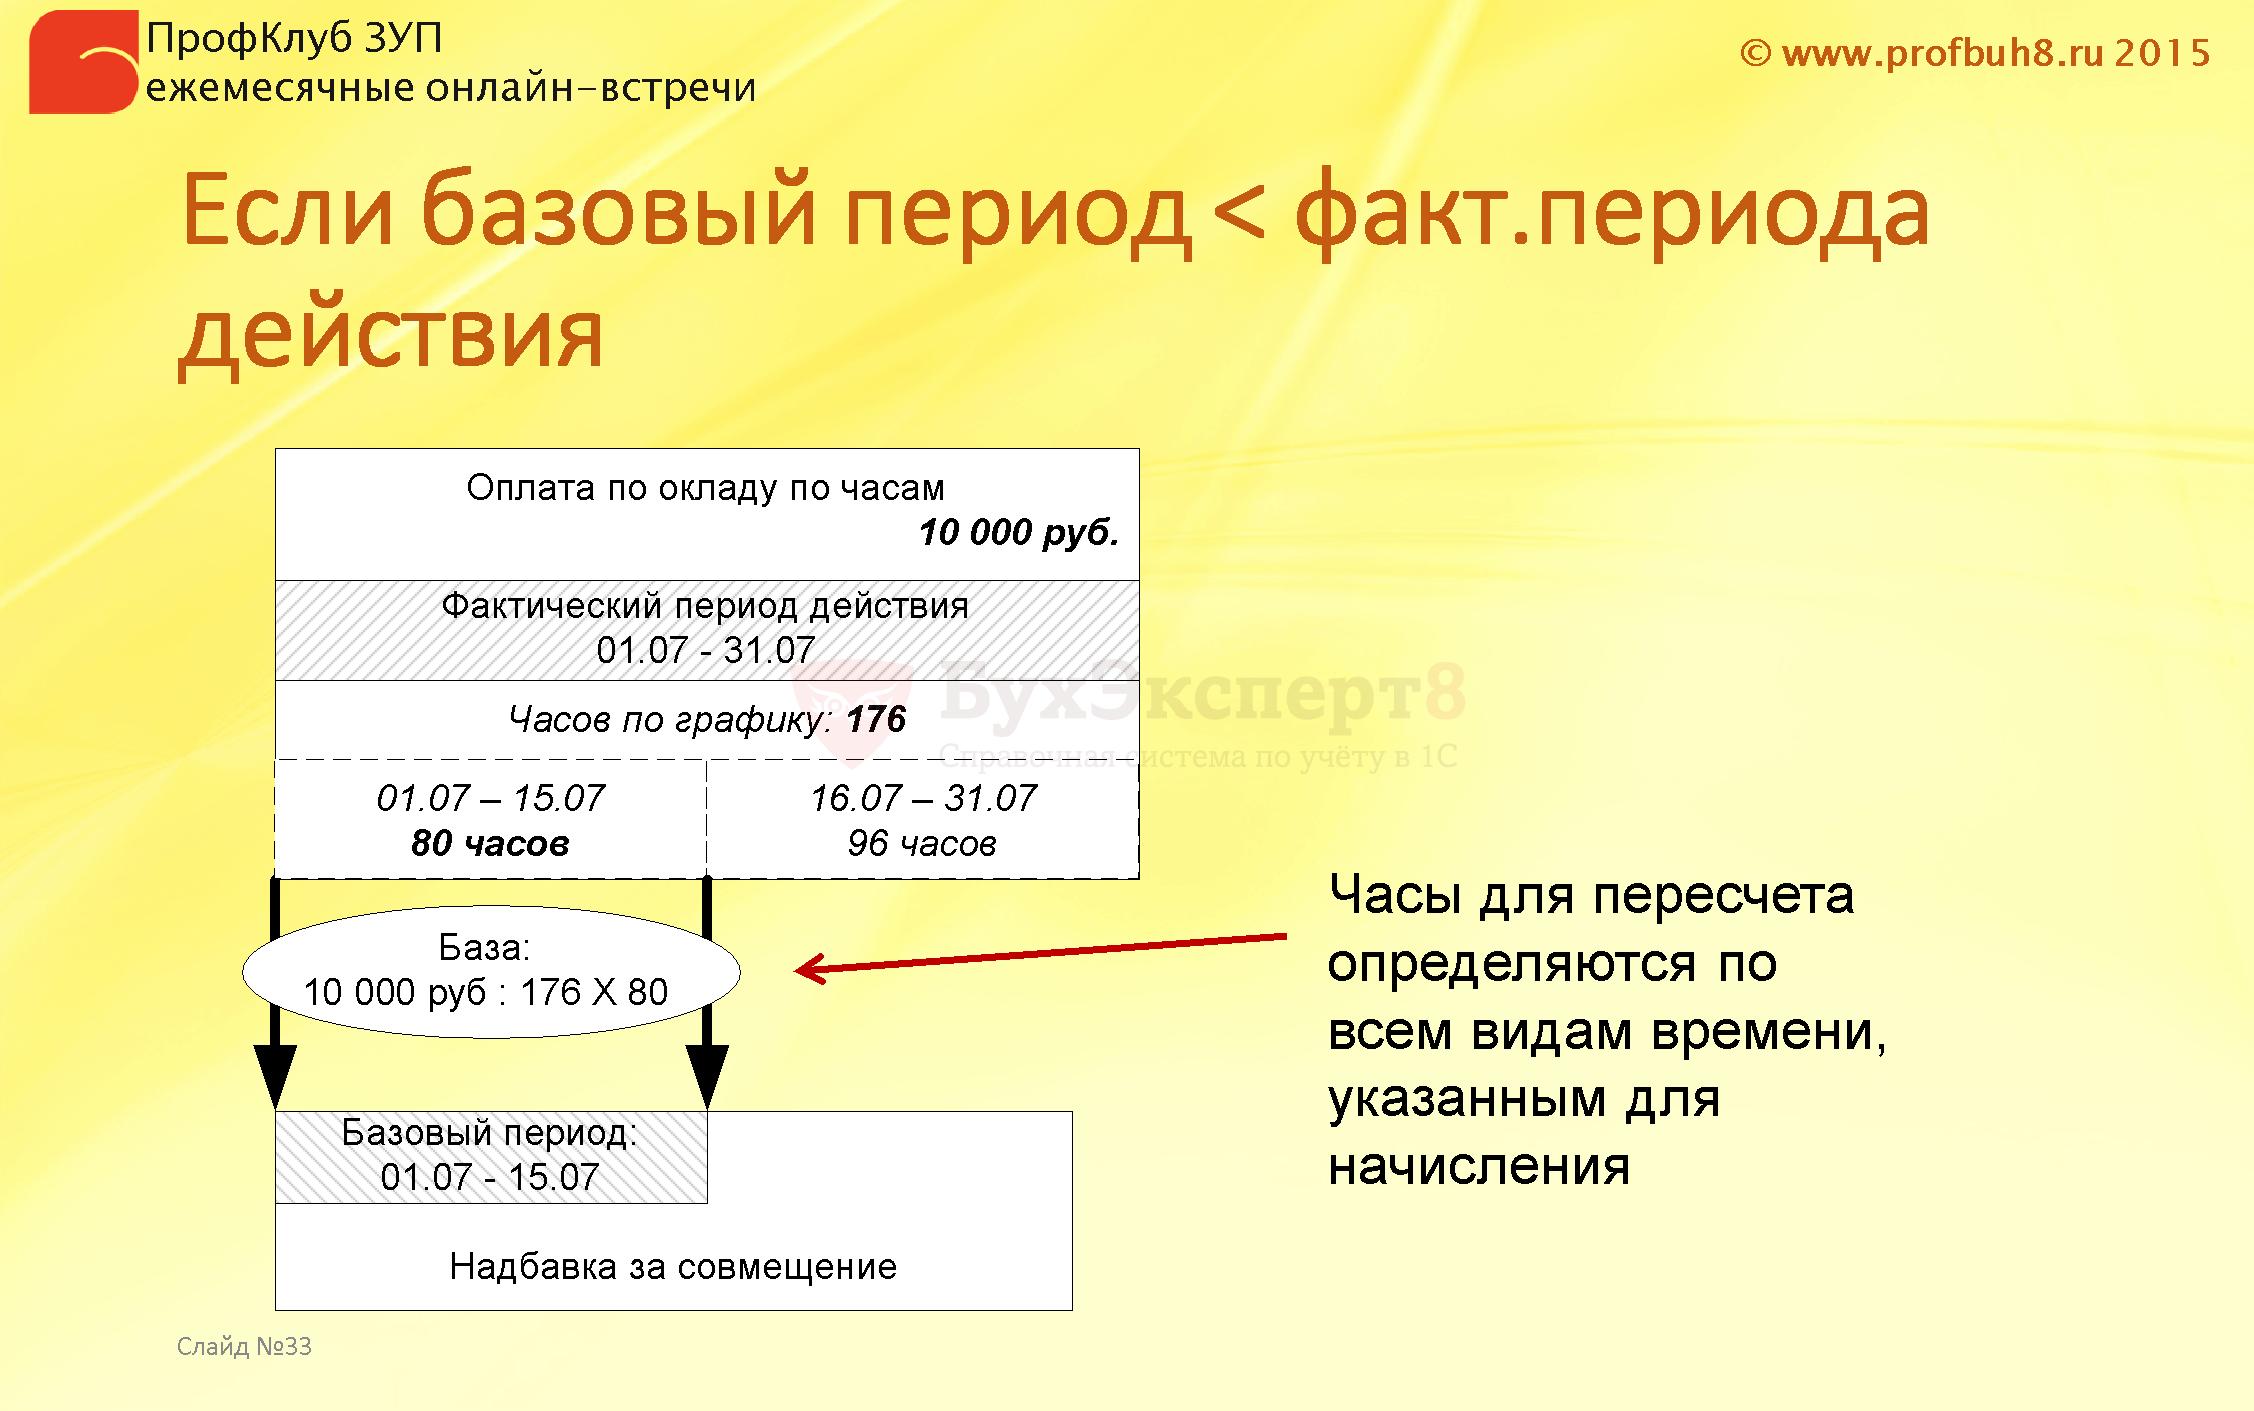 Если базовый период < факт.периода действия Часы для пересчета определяются по всем видам времени, указанным для начисления